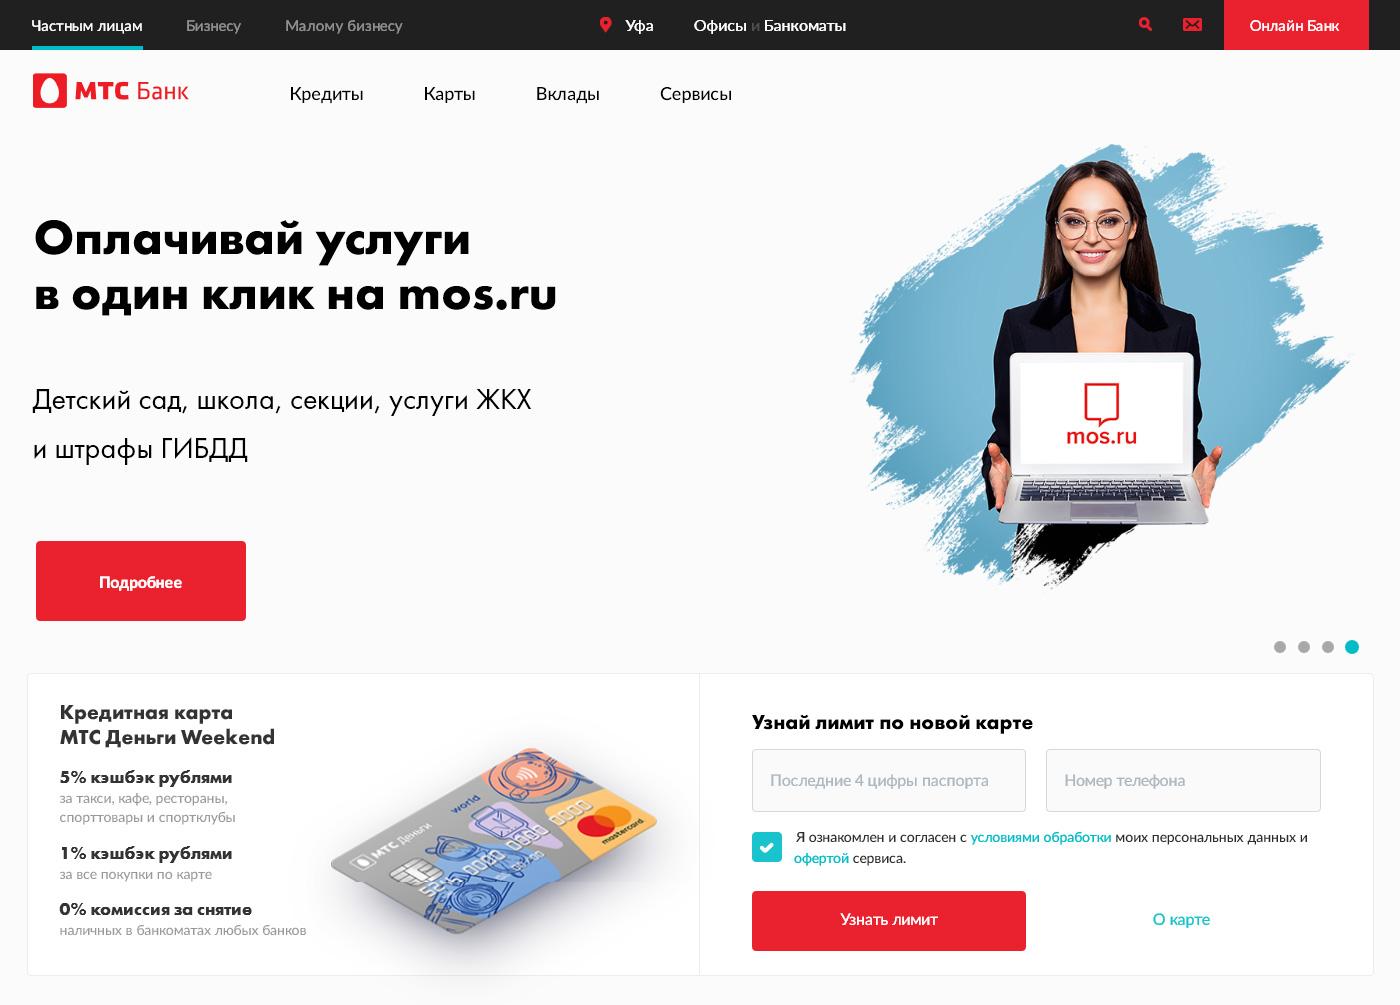 Официальный сайт МТС Банк